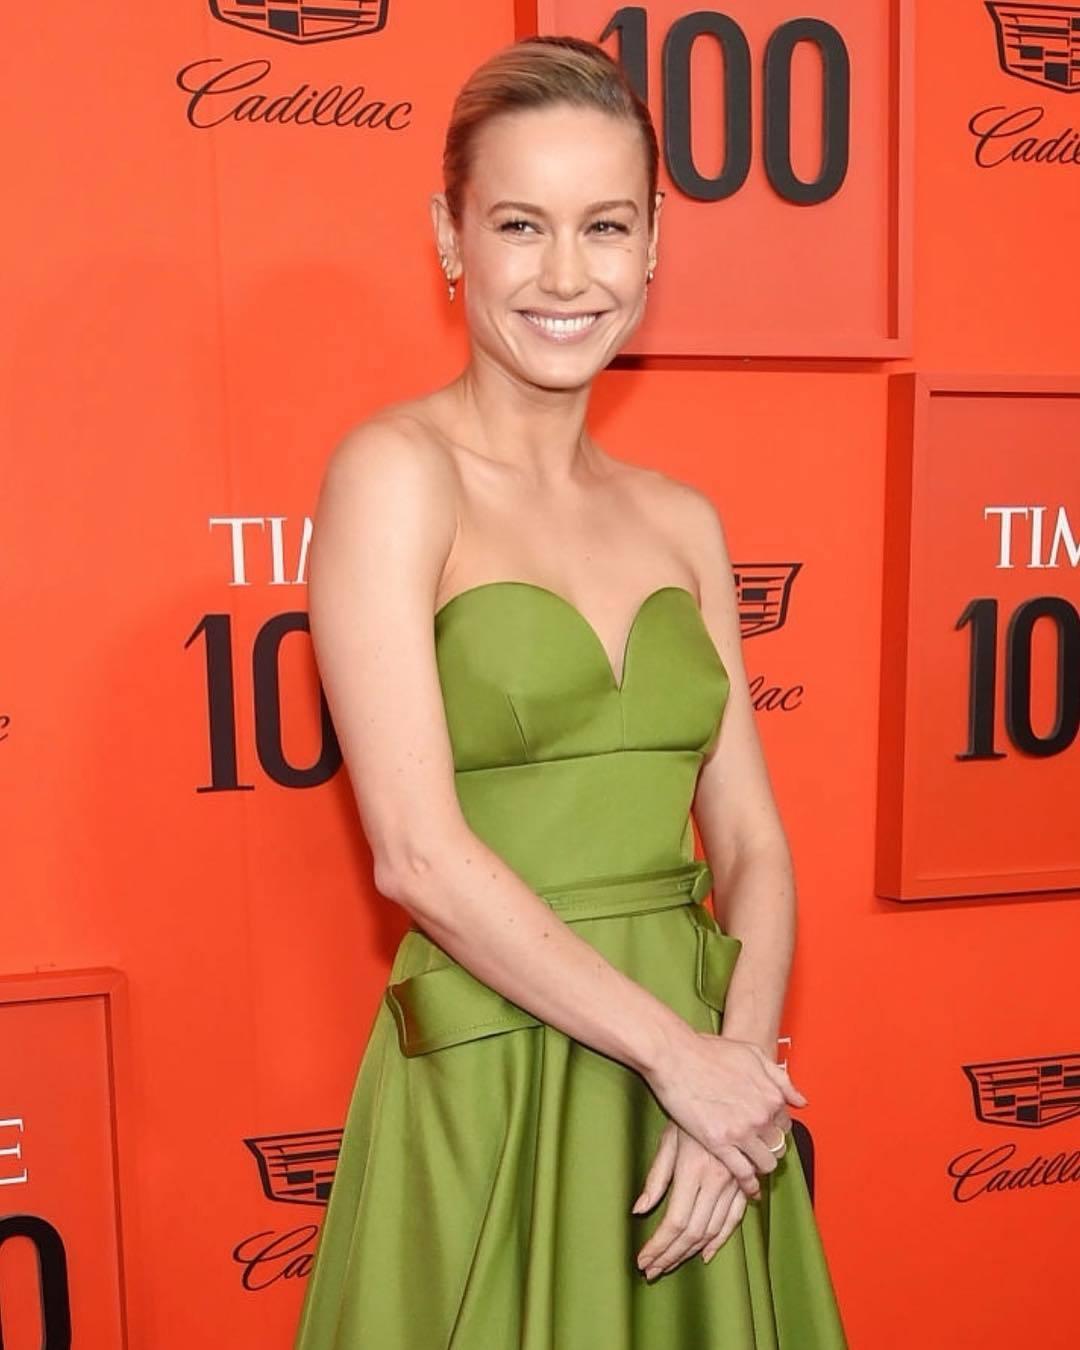 布麗拉森在百大人物晚宴中以一身Prada綠色緞面禮服現身,這件衣服剪裁復古典雅,...